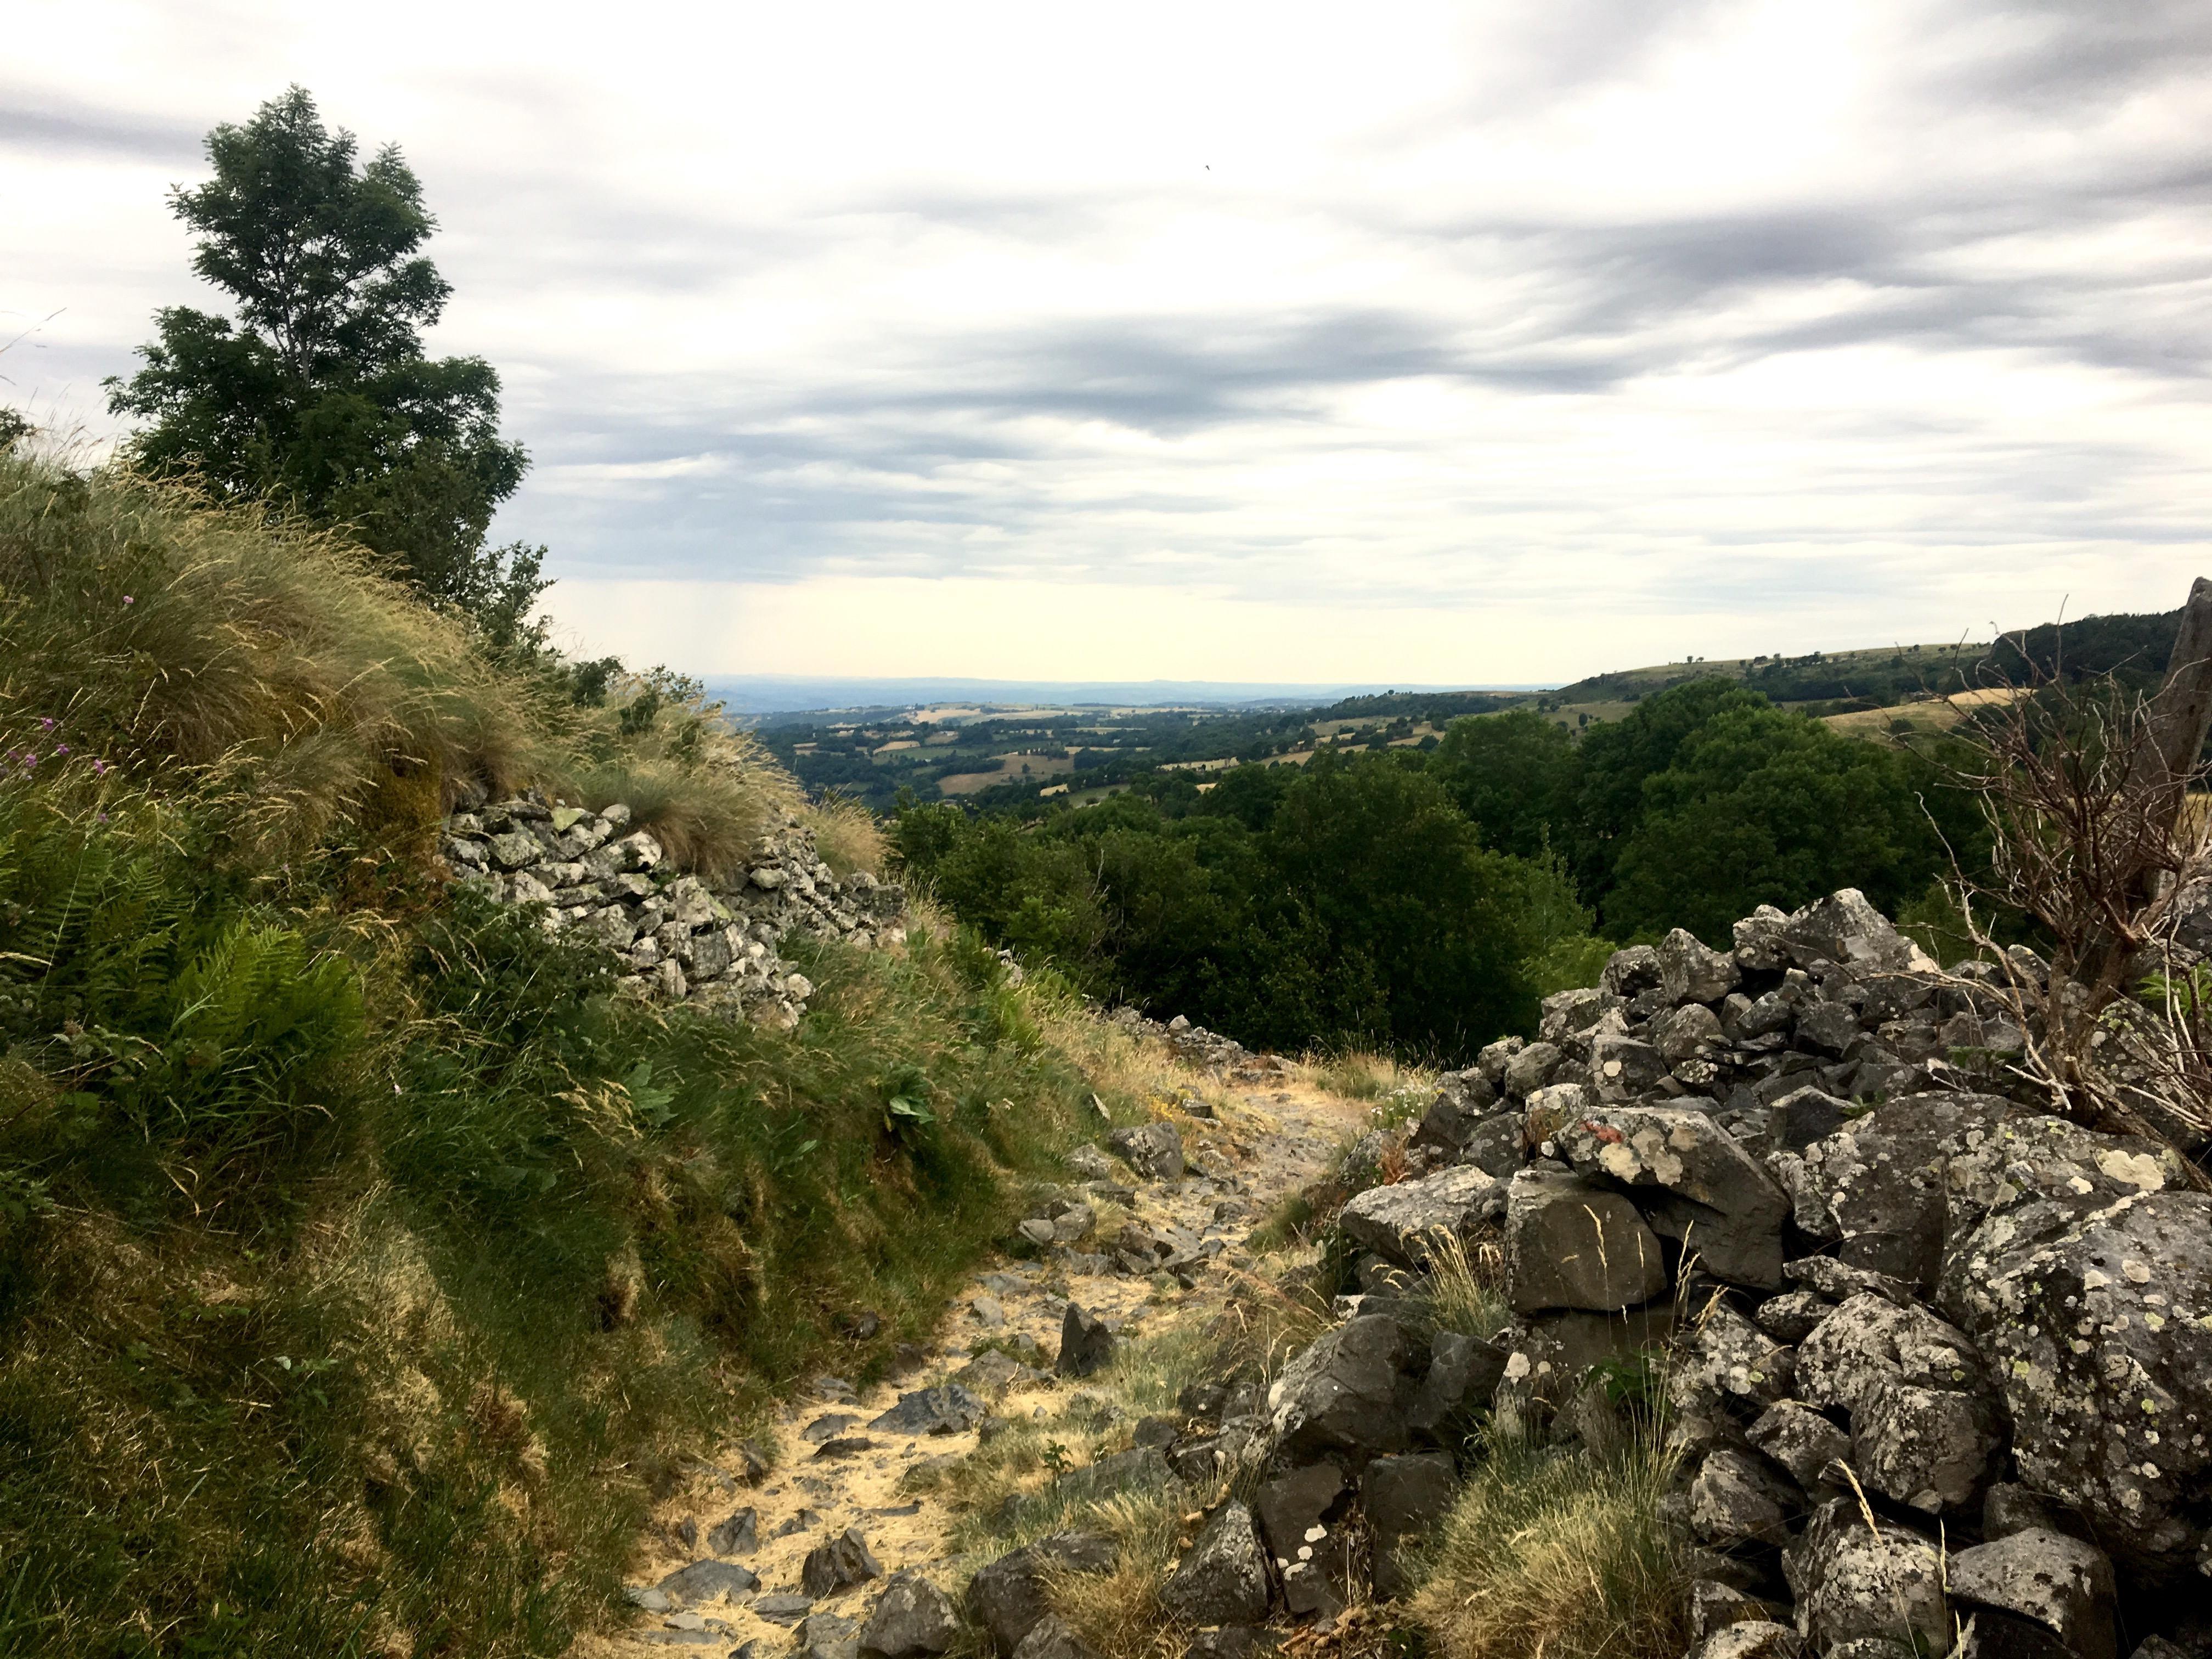 Chemin du Puy landscape